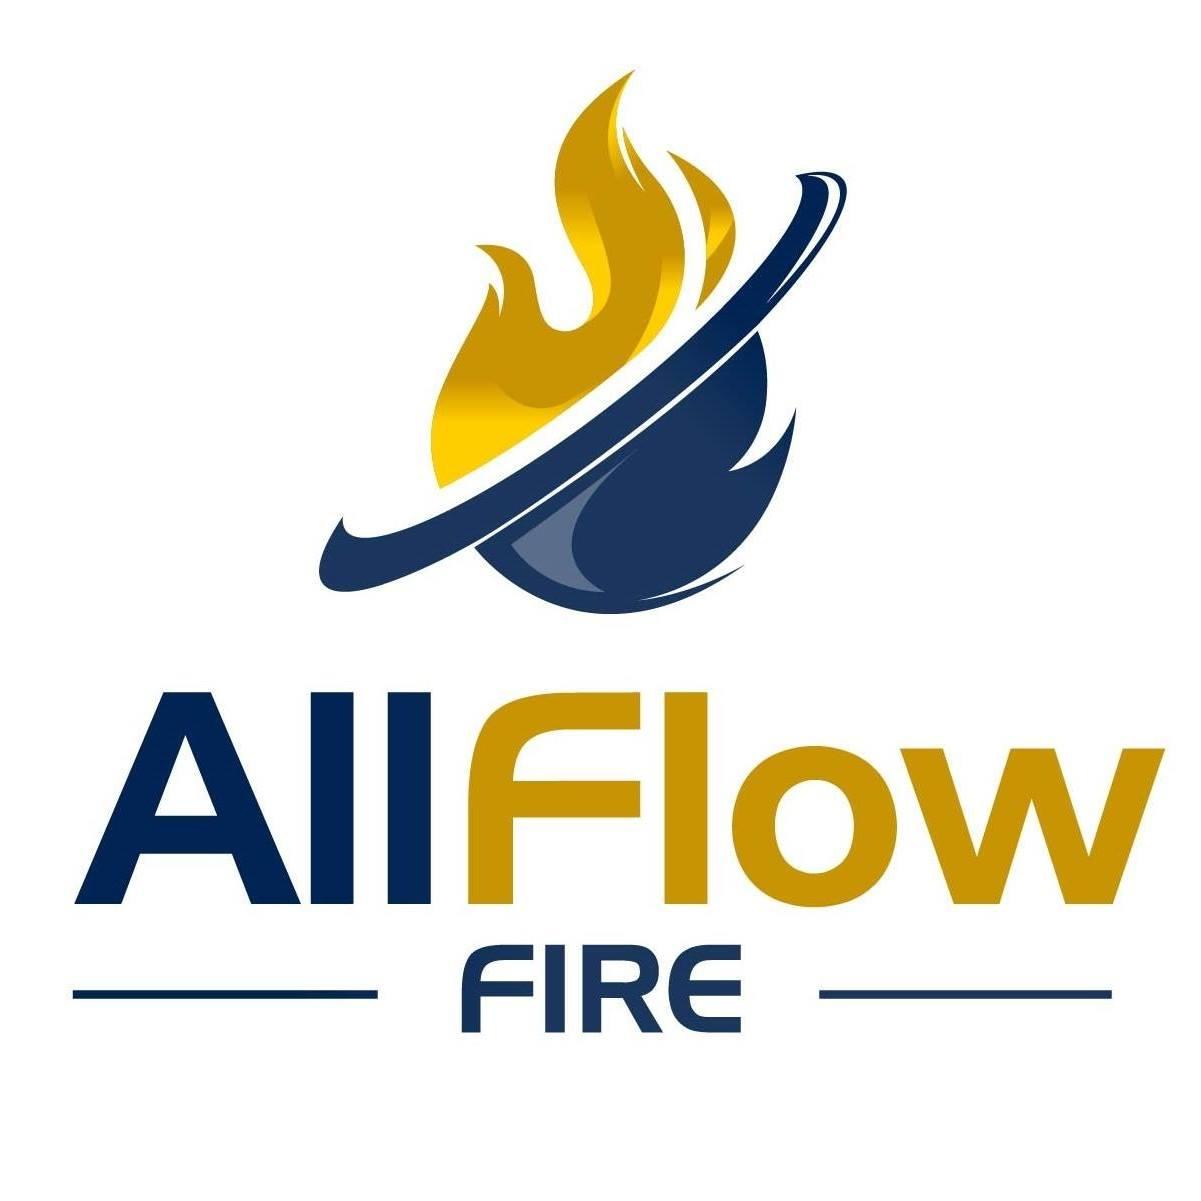 AllFlow Fire Pty Ltd